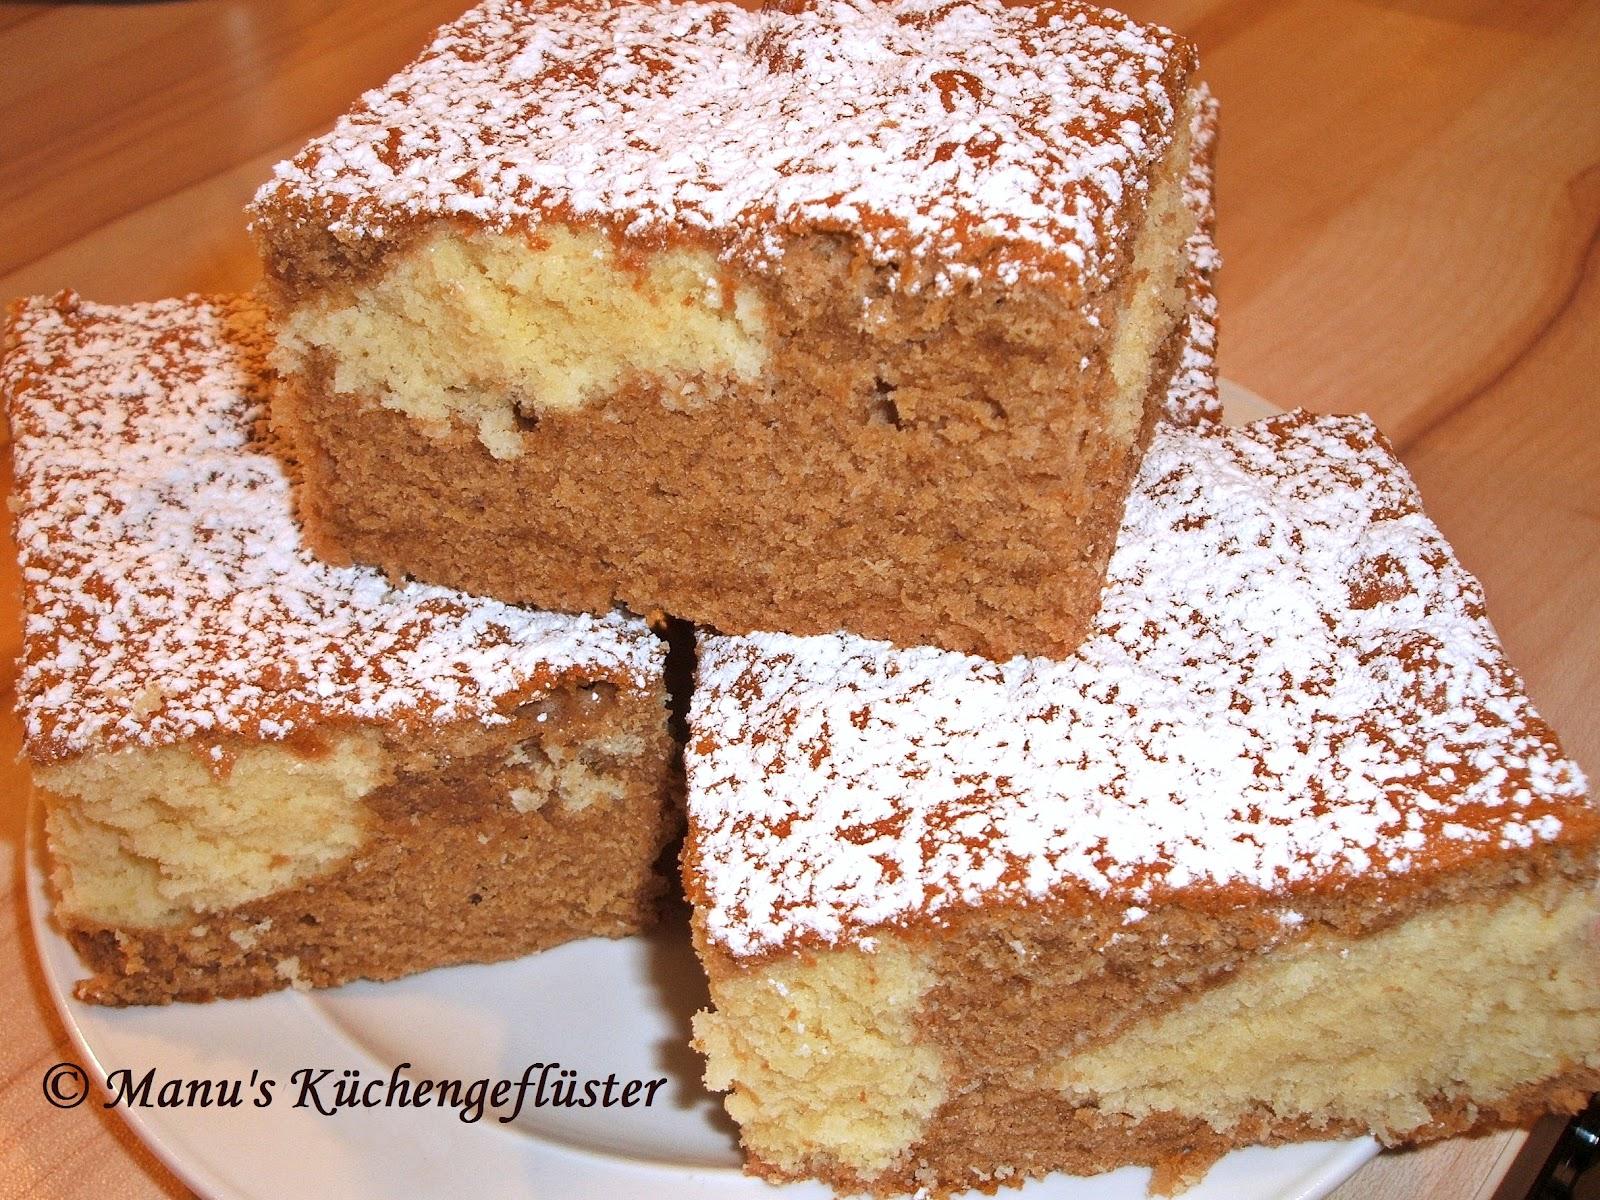 Manus Kuchengefluster Nougat Kokos Kuchen